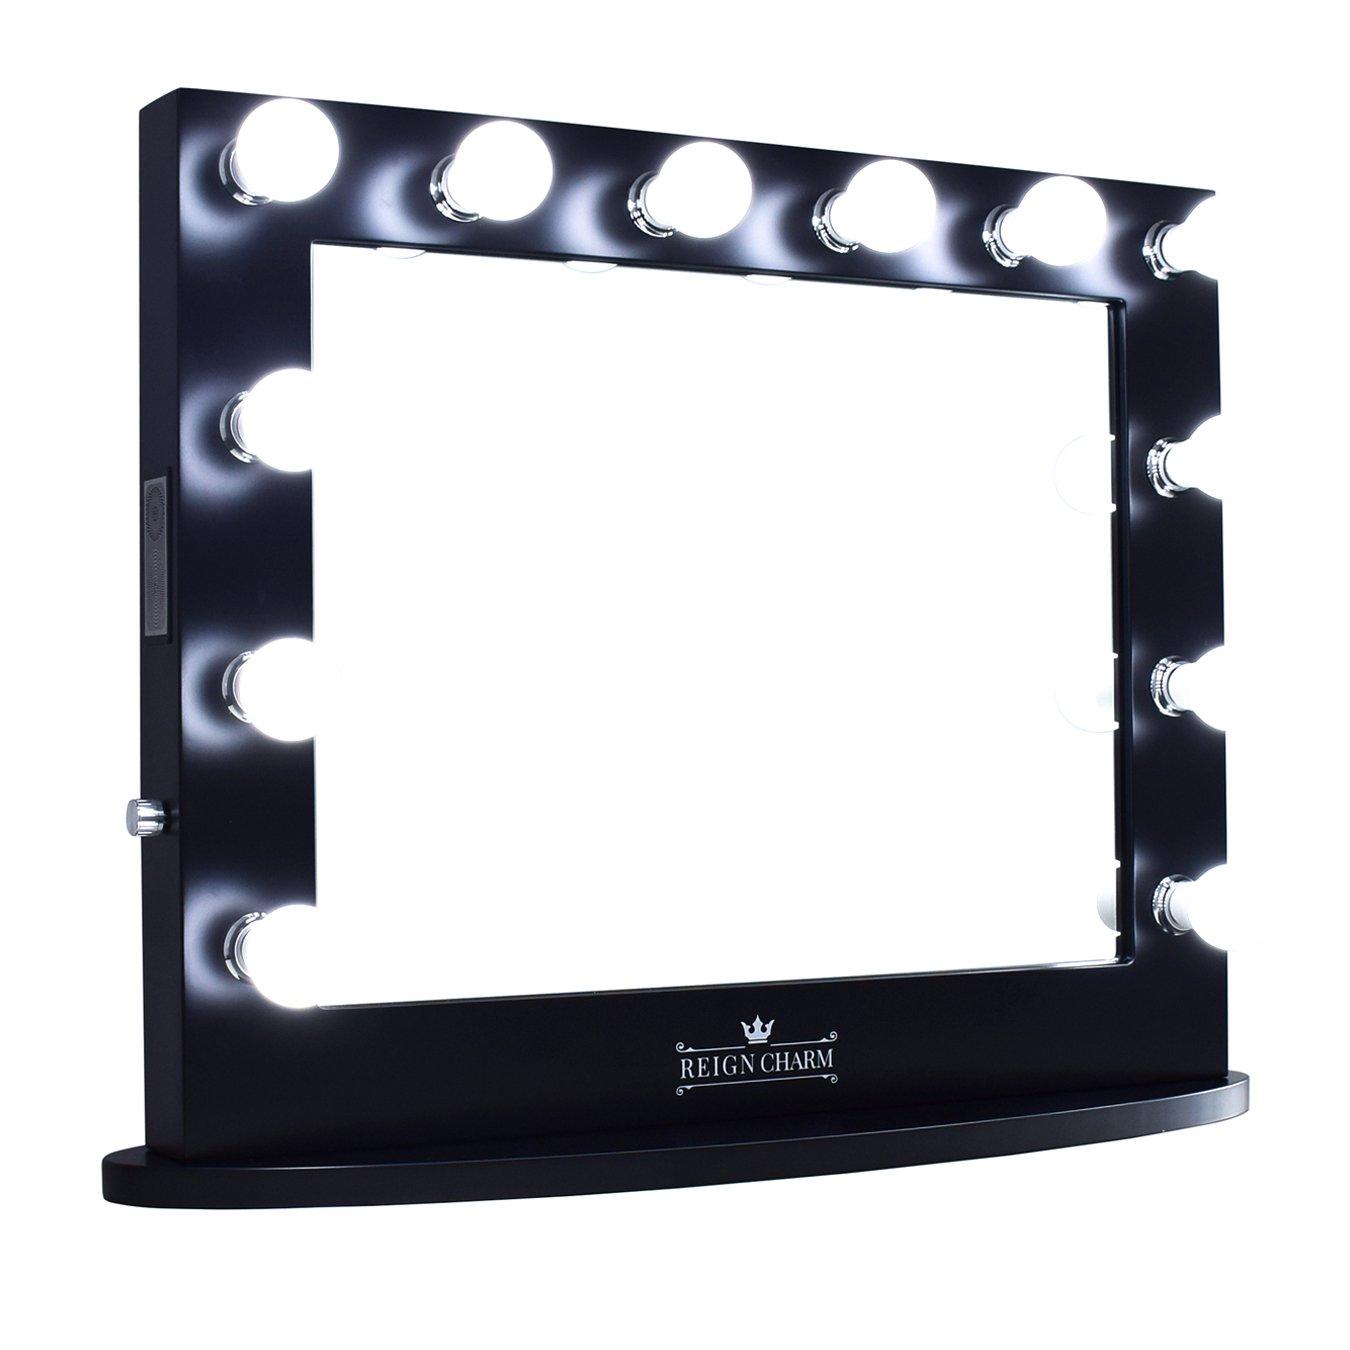 捧呈 ReignCharm Hollywood Vanity Mirror 12 Outlets Lights Dual LED 信託